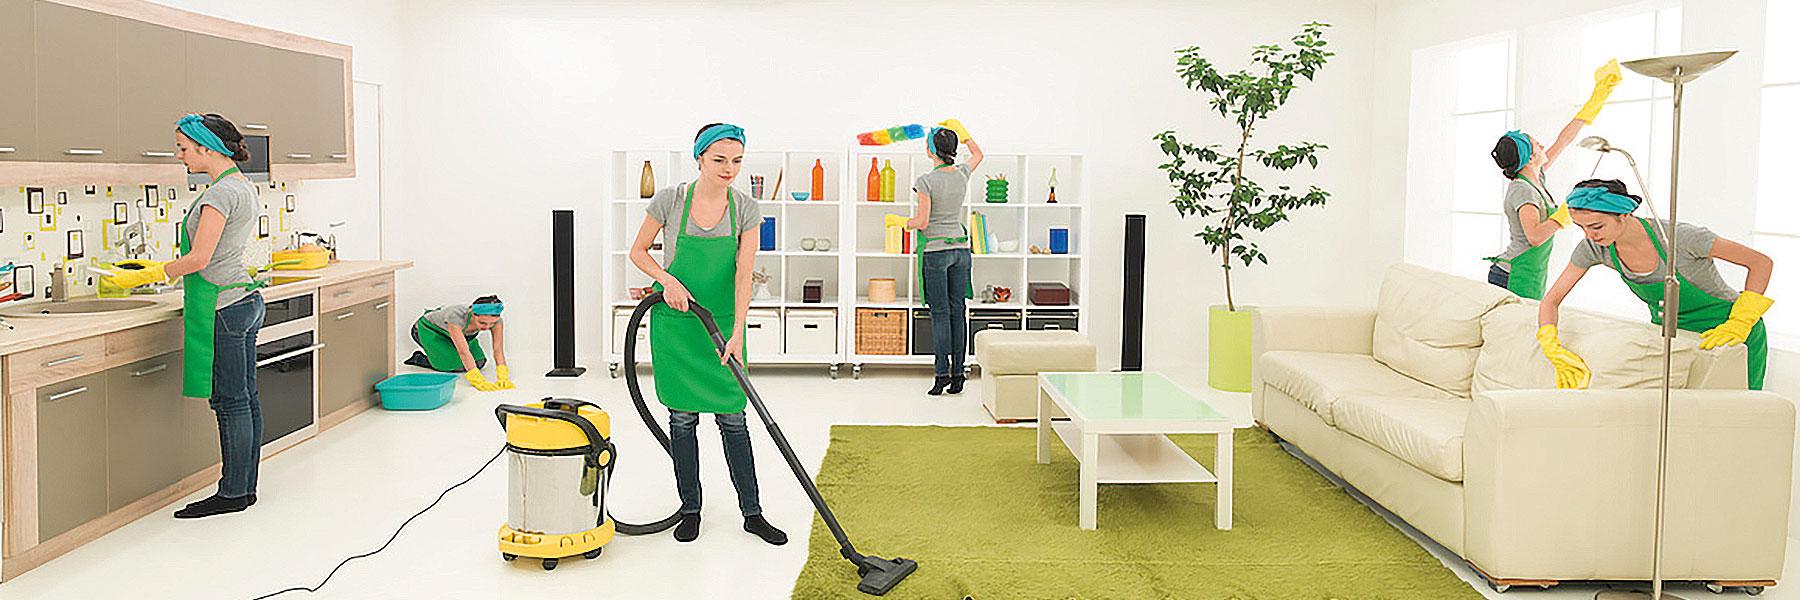 chica de limpieza del hogar